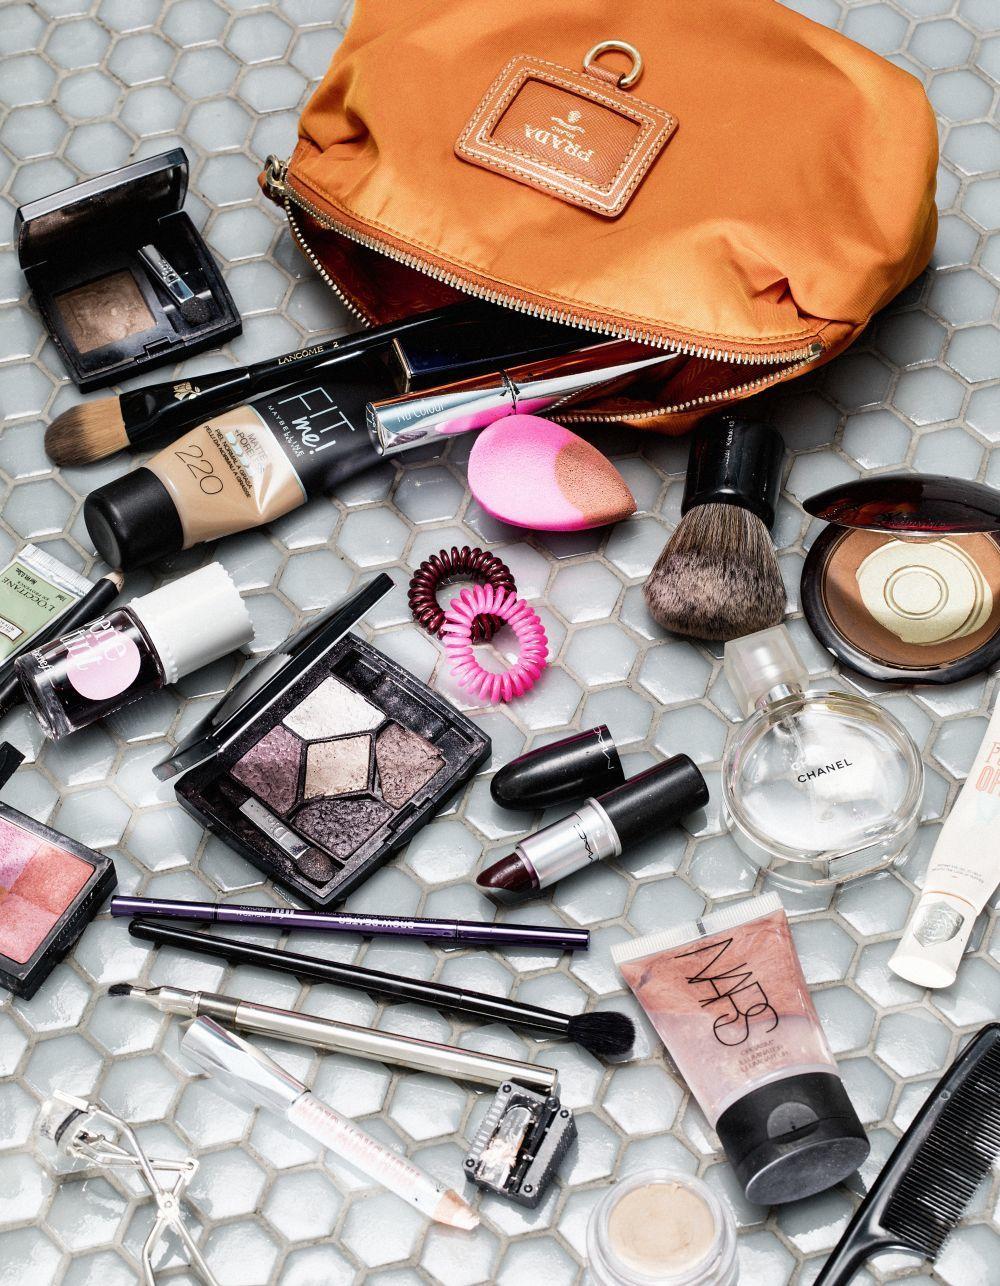 Prohibido compartir cosméticos con el resto de tu familia, algo recomendable en cualquier momento pero especialmente en situaciones como la actual.